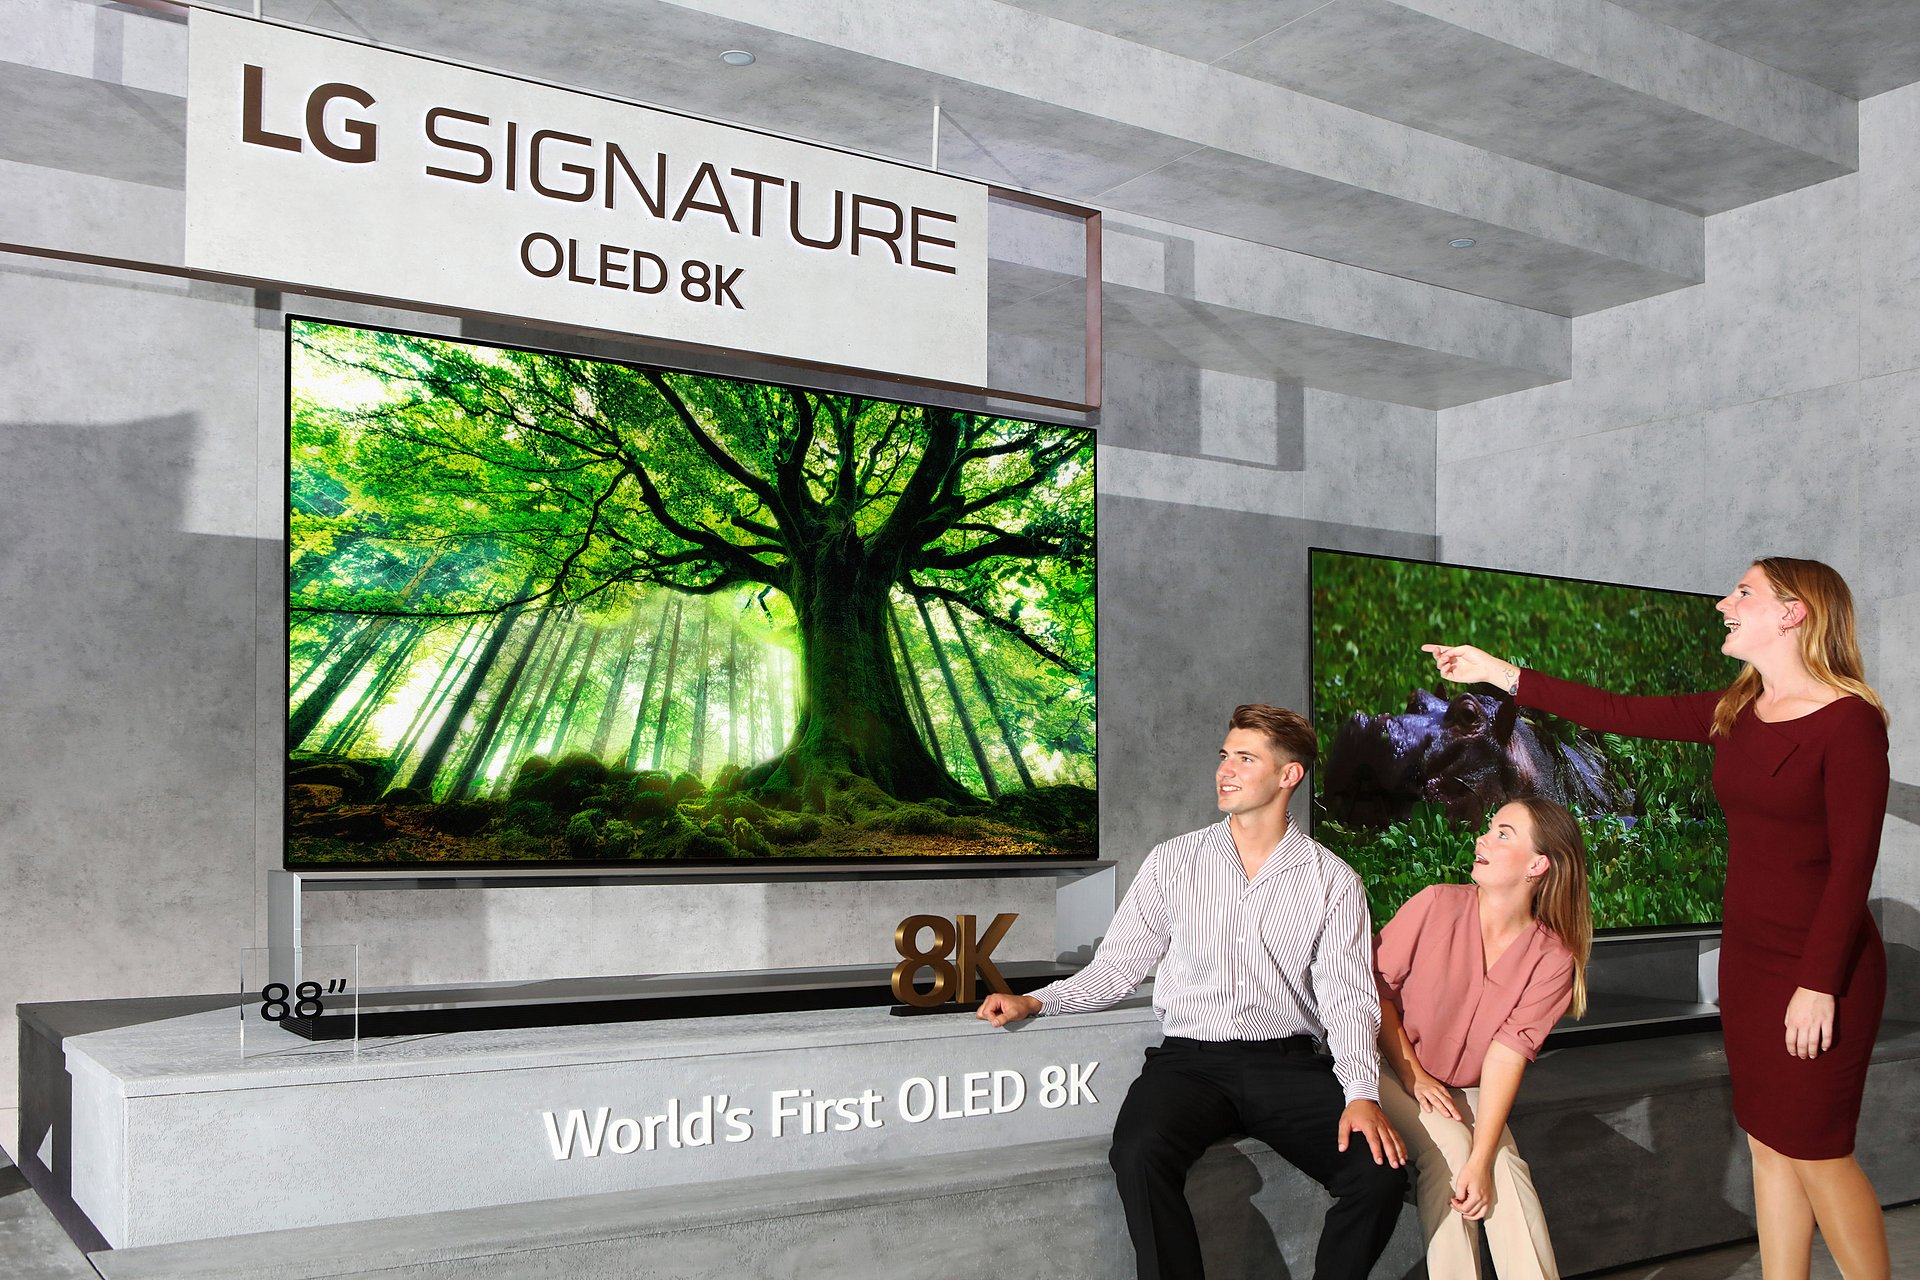 LG rozpoczyna sprzedaż pierwszego na świecie telewizora OLED o rozdzielczości 8K